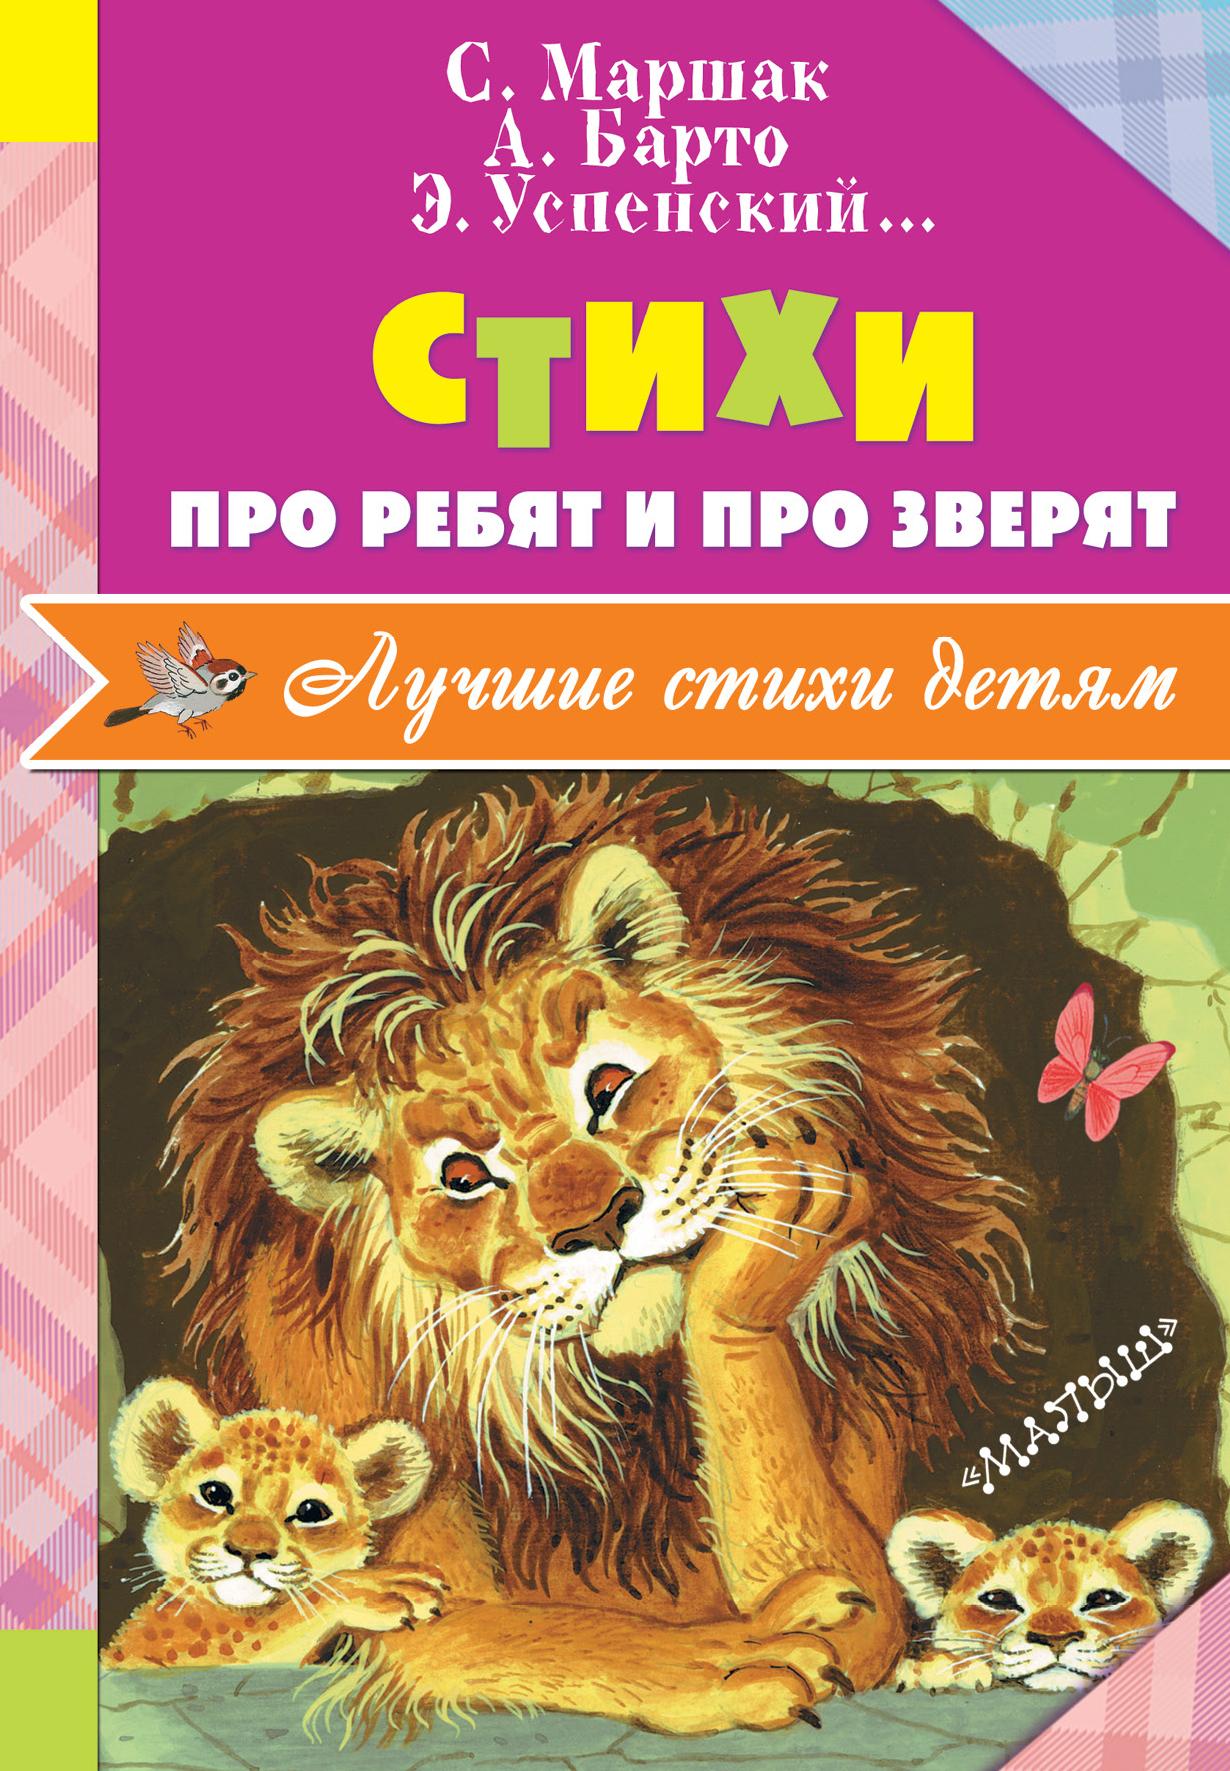 С. Маршак, А. Барто, Э. Успенский Стихи про ребят и про зверят для ребят про зверят